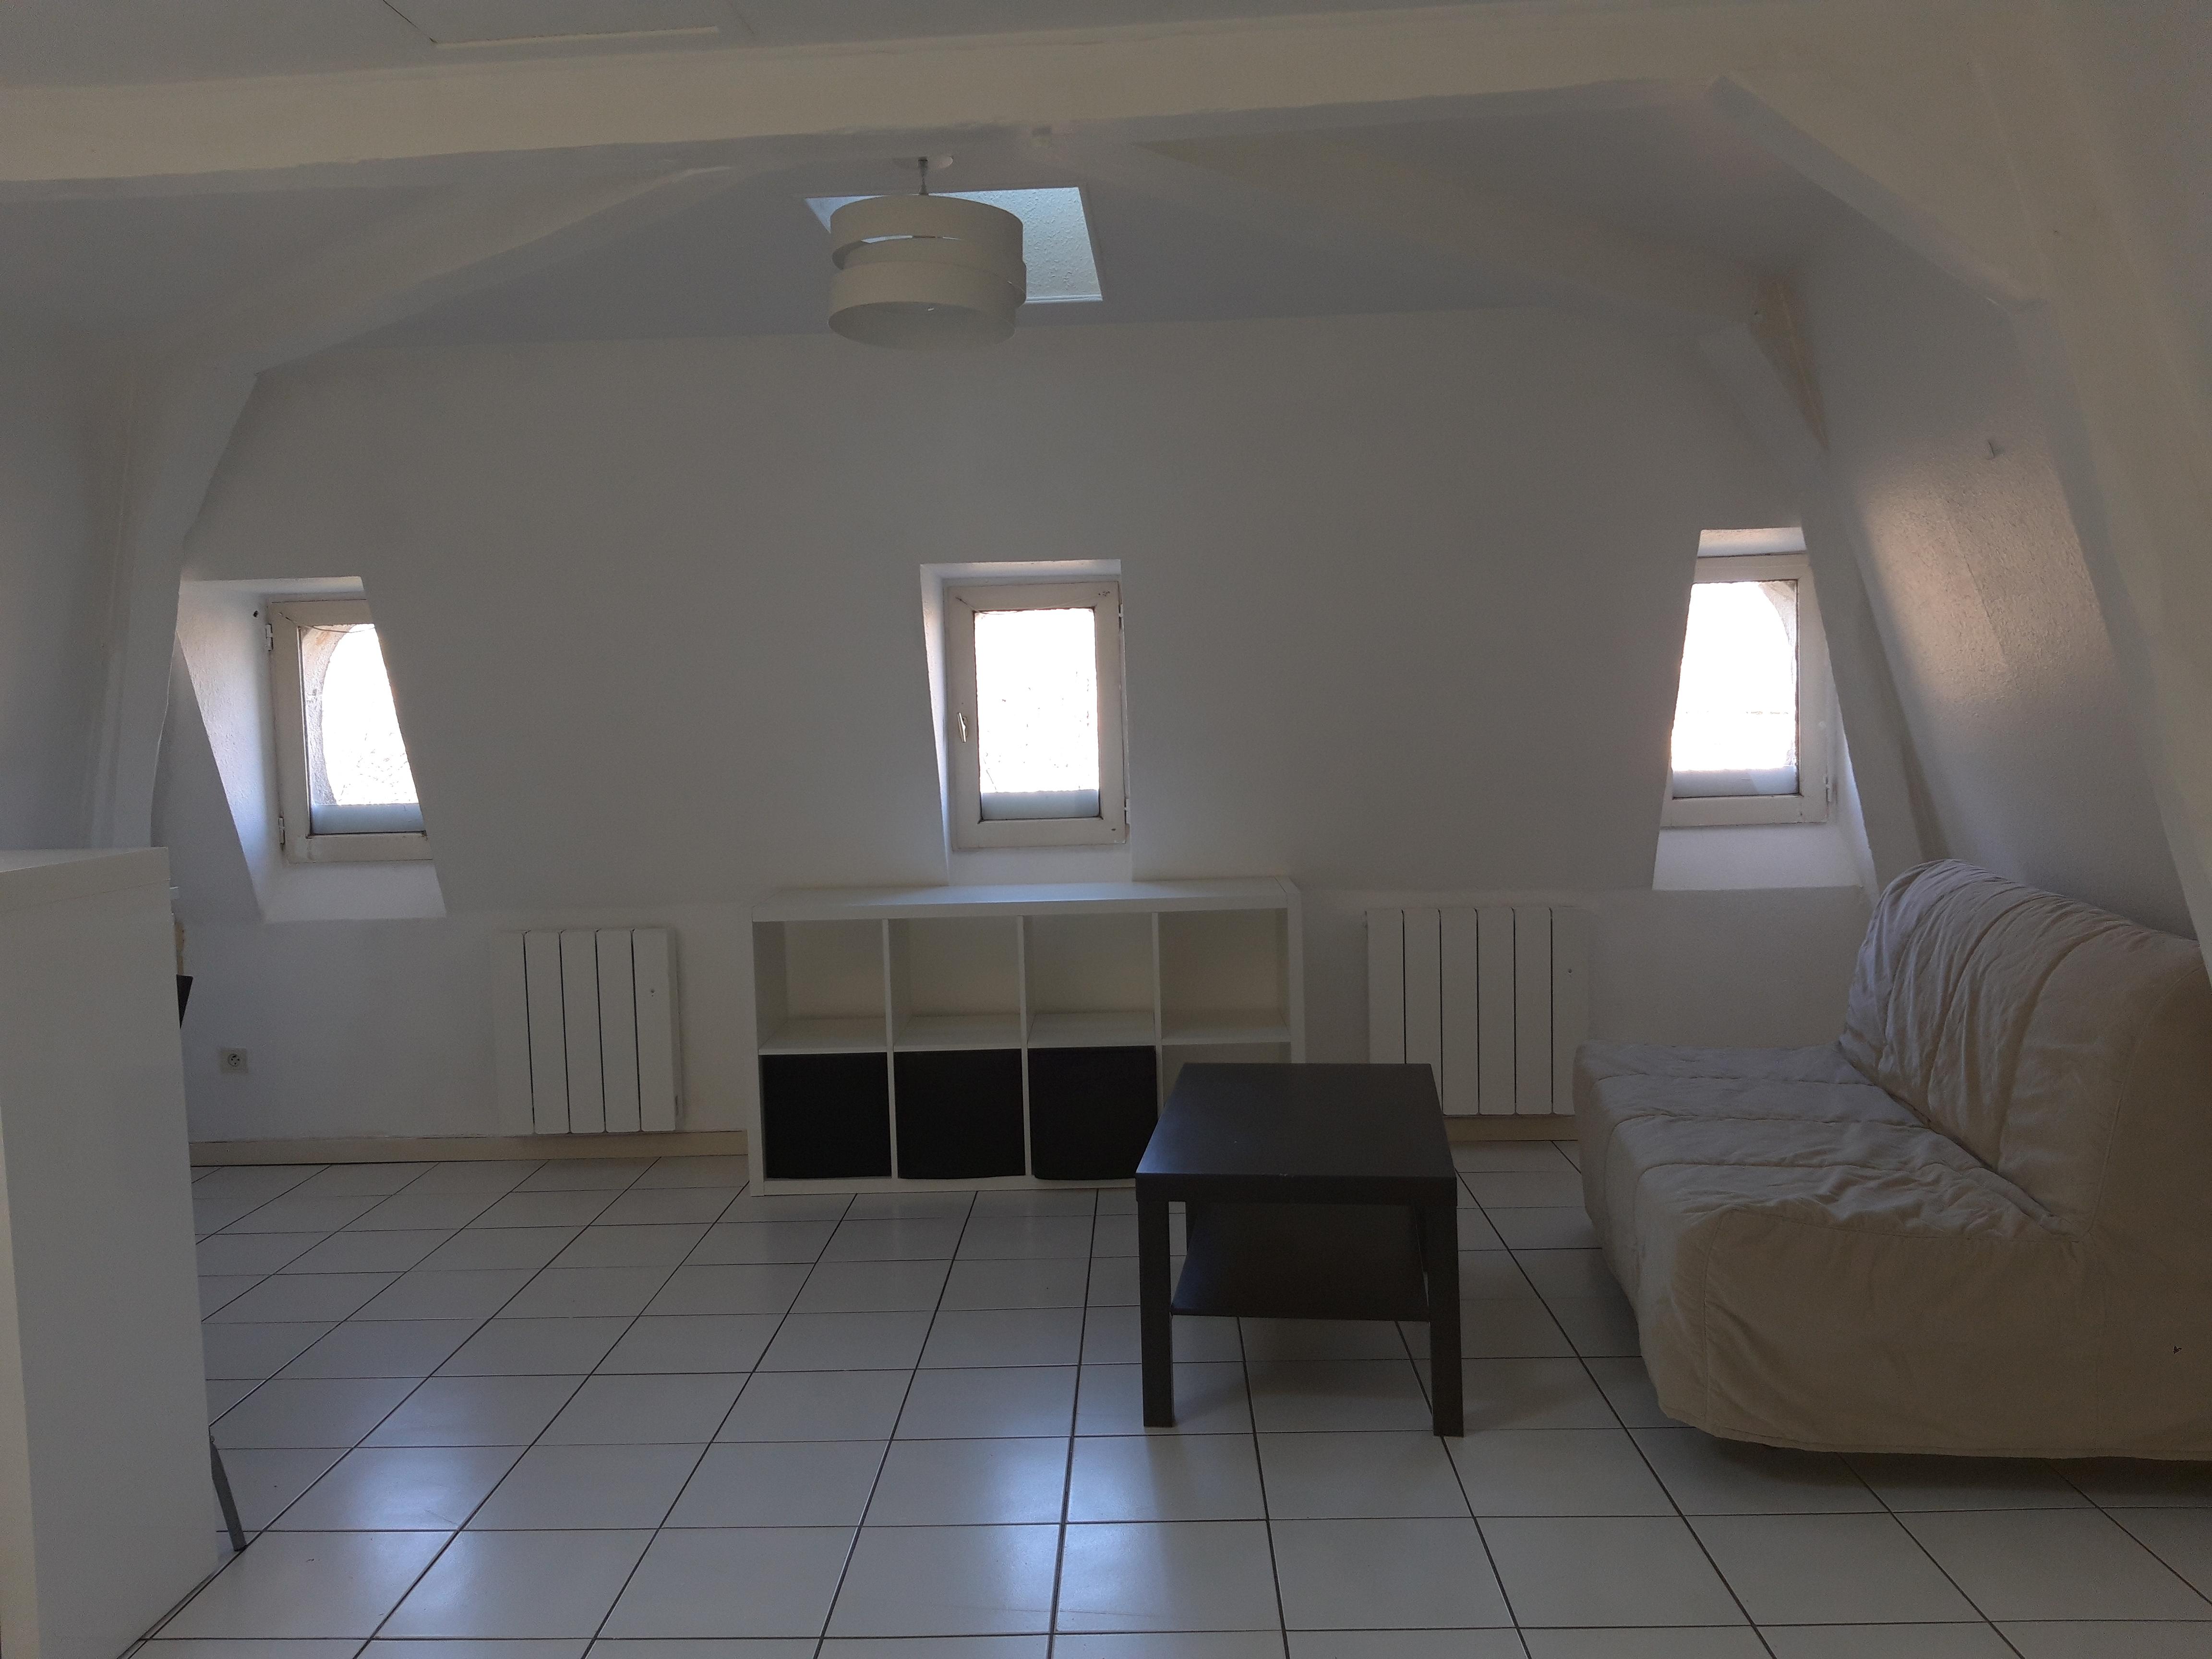 Studio / T1 meublé et équipé à louer au 3ème étage d'un immeuble du centre de Figeac